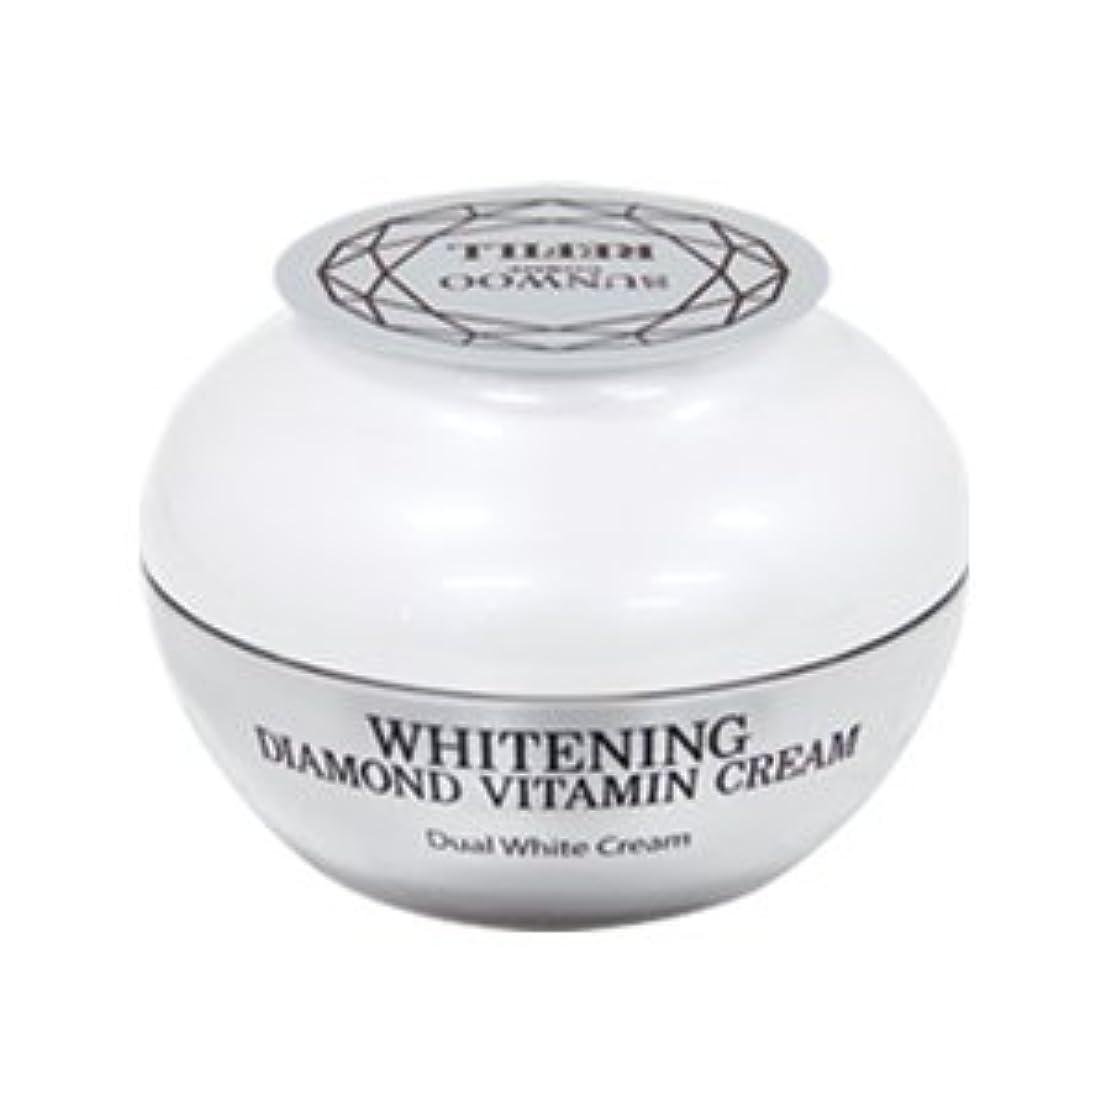 Whitening Diamond Vitamin Cream(詰替え)